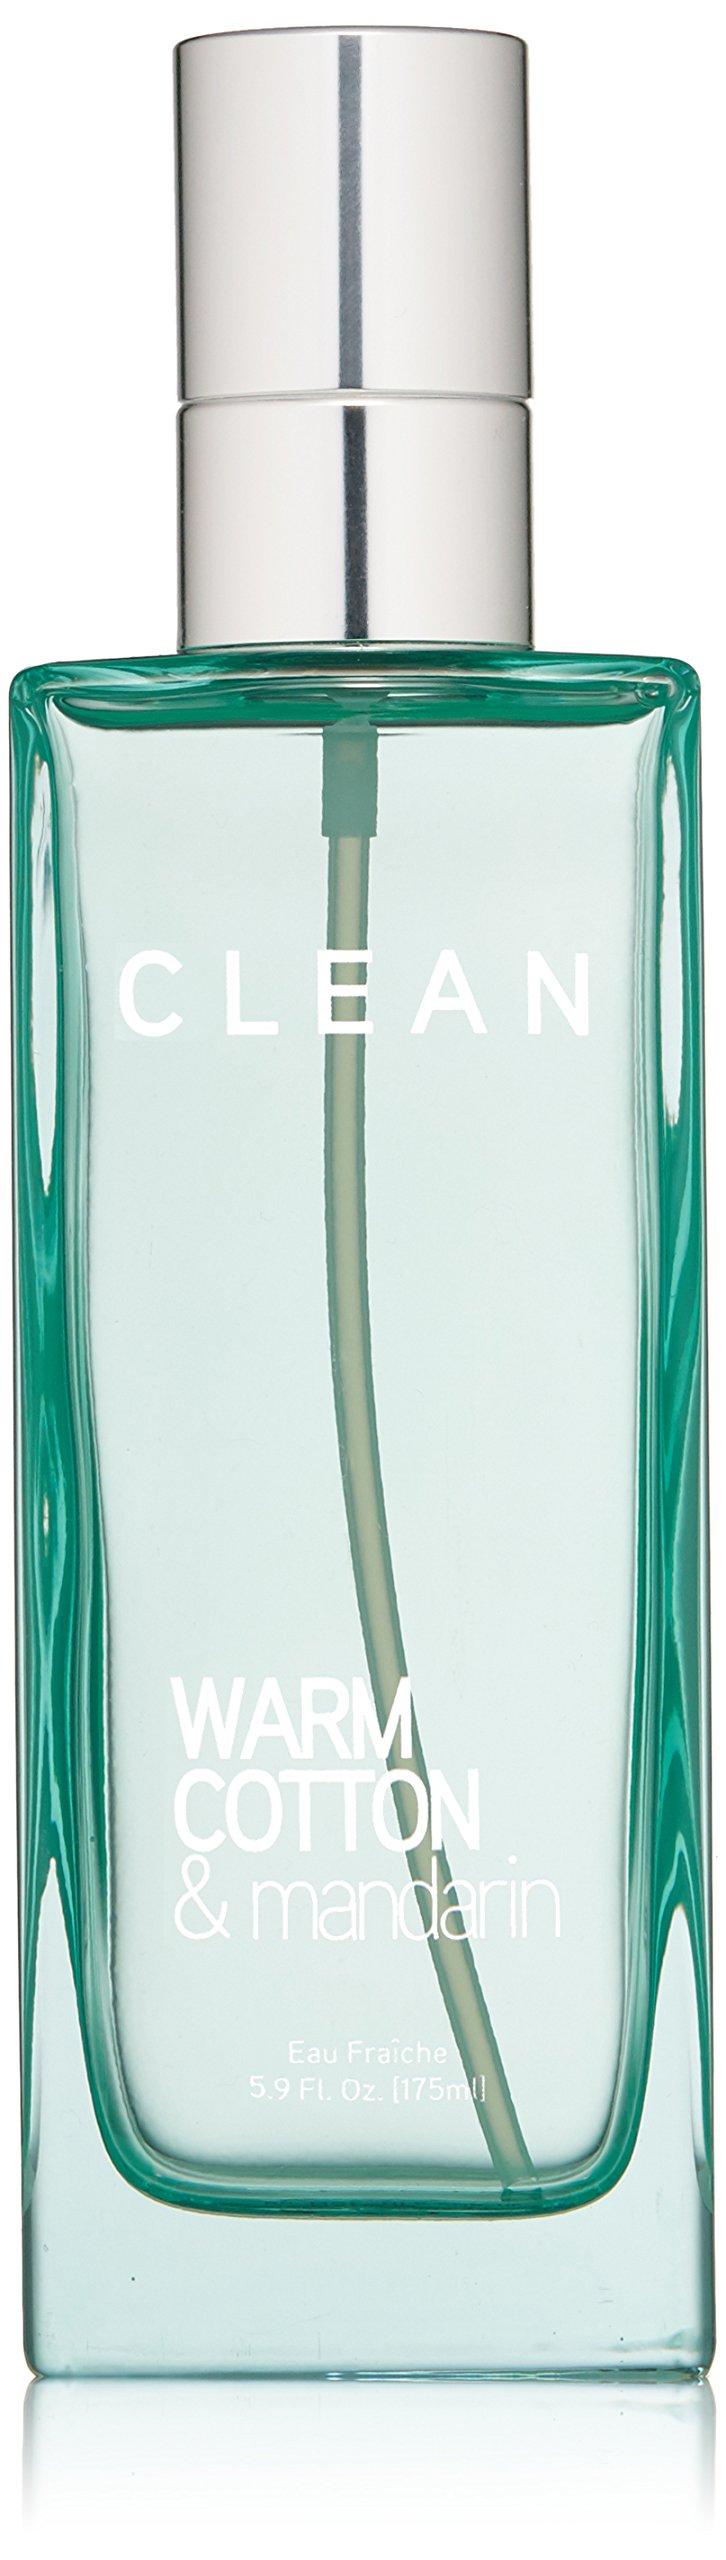 CLEAN Eau Fraiche Body Spray, Warm Cotton/Mandarin, 5.9 oz.